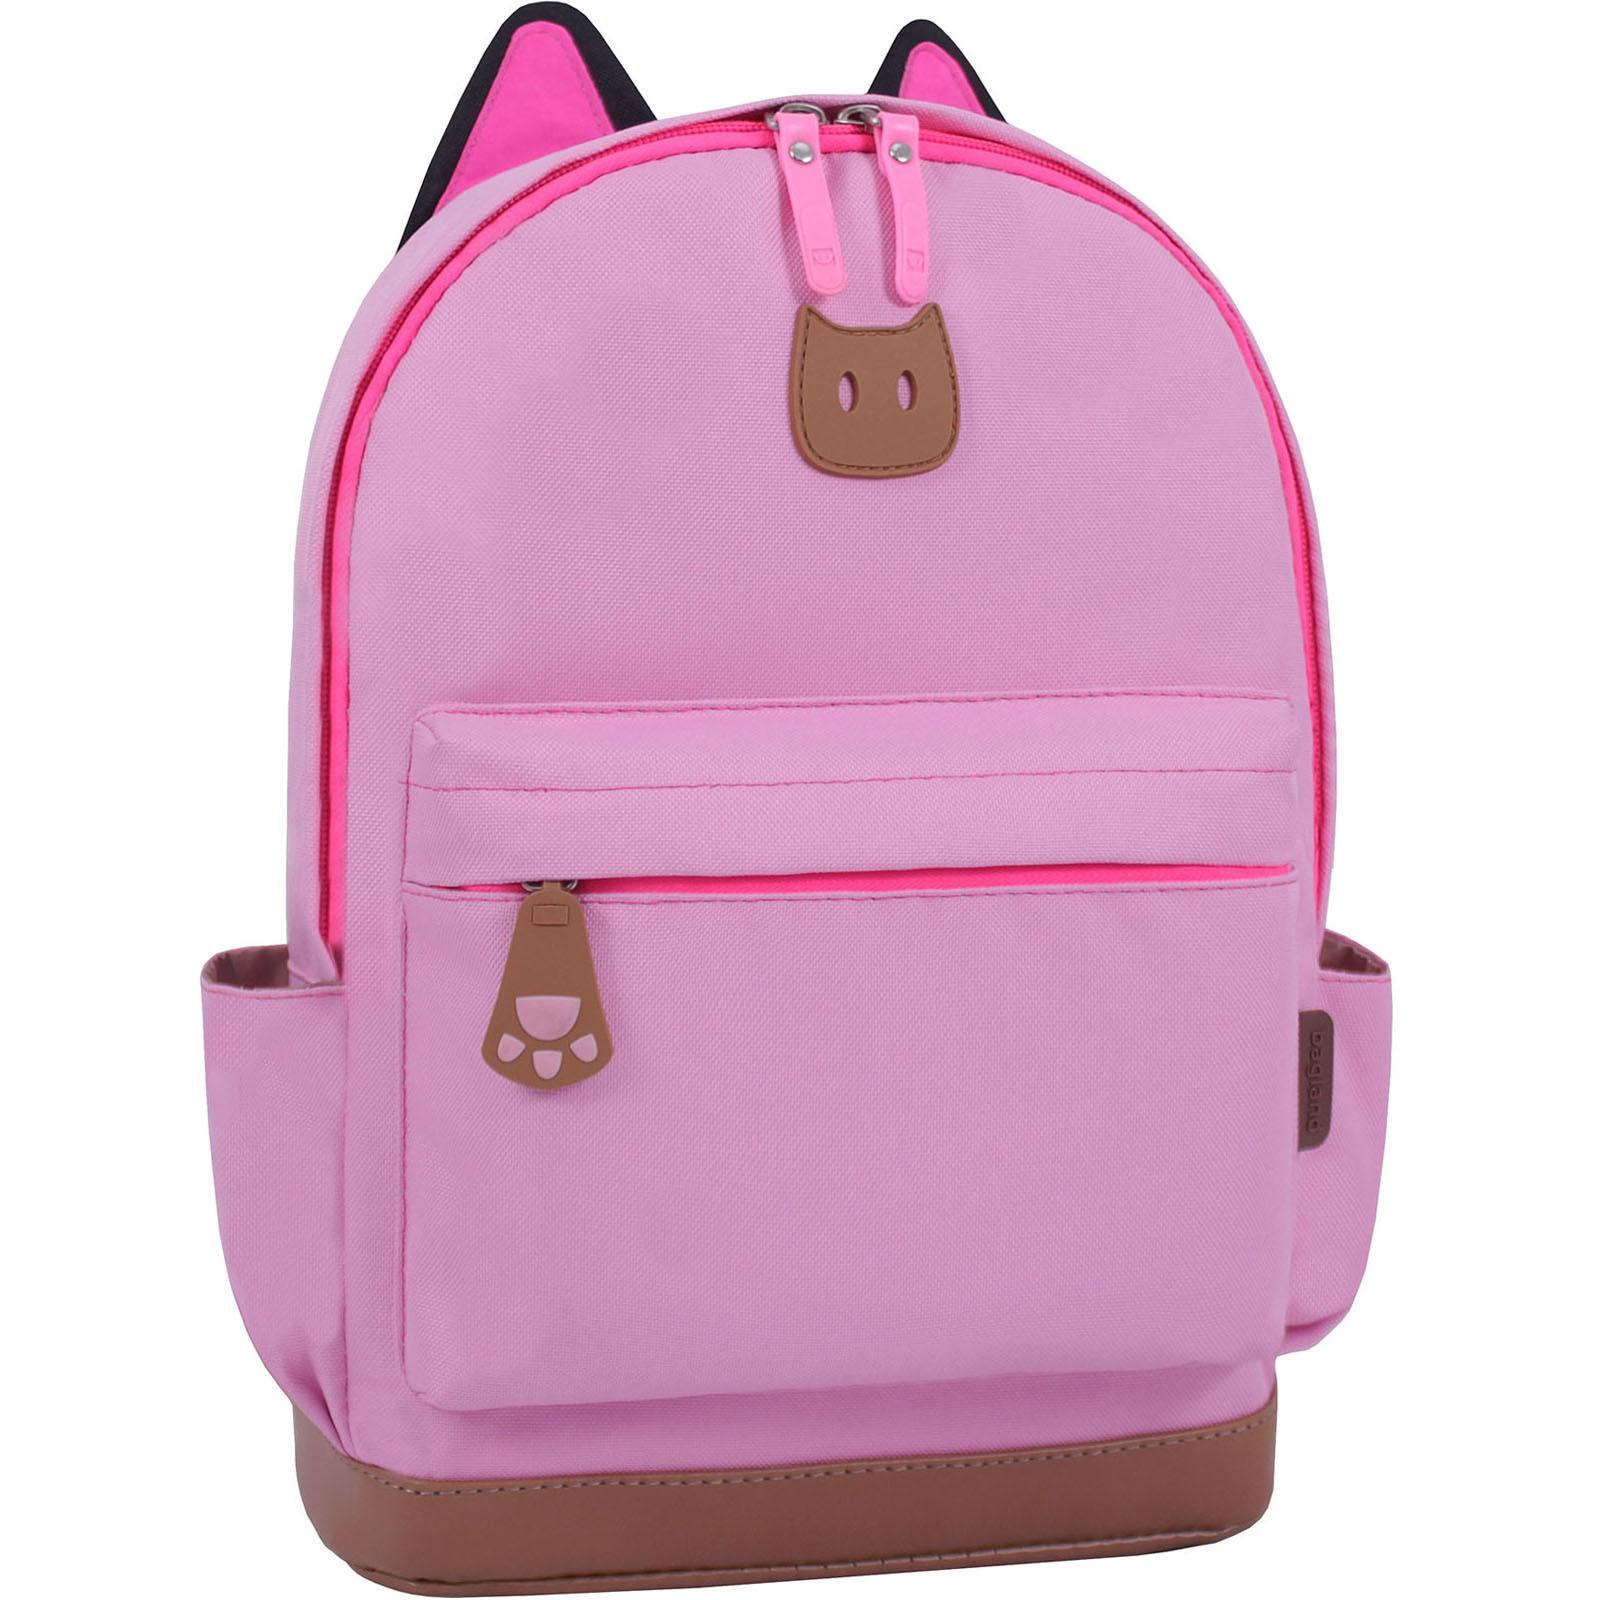 Женские рюкзаки Рюкзак Bagland Ears розовый (0054566) IMG_0899.JPG